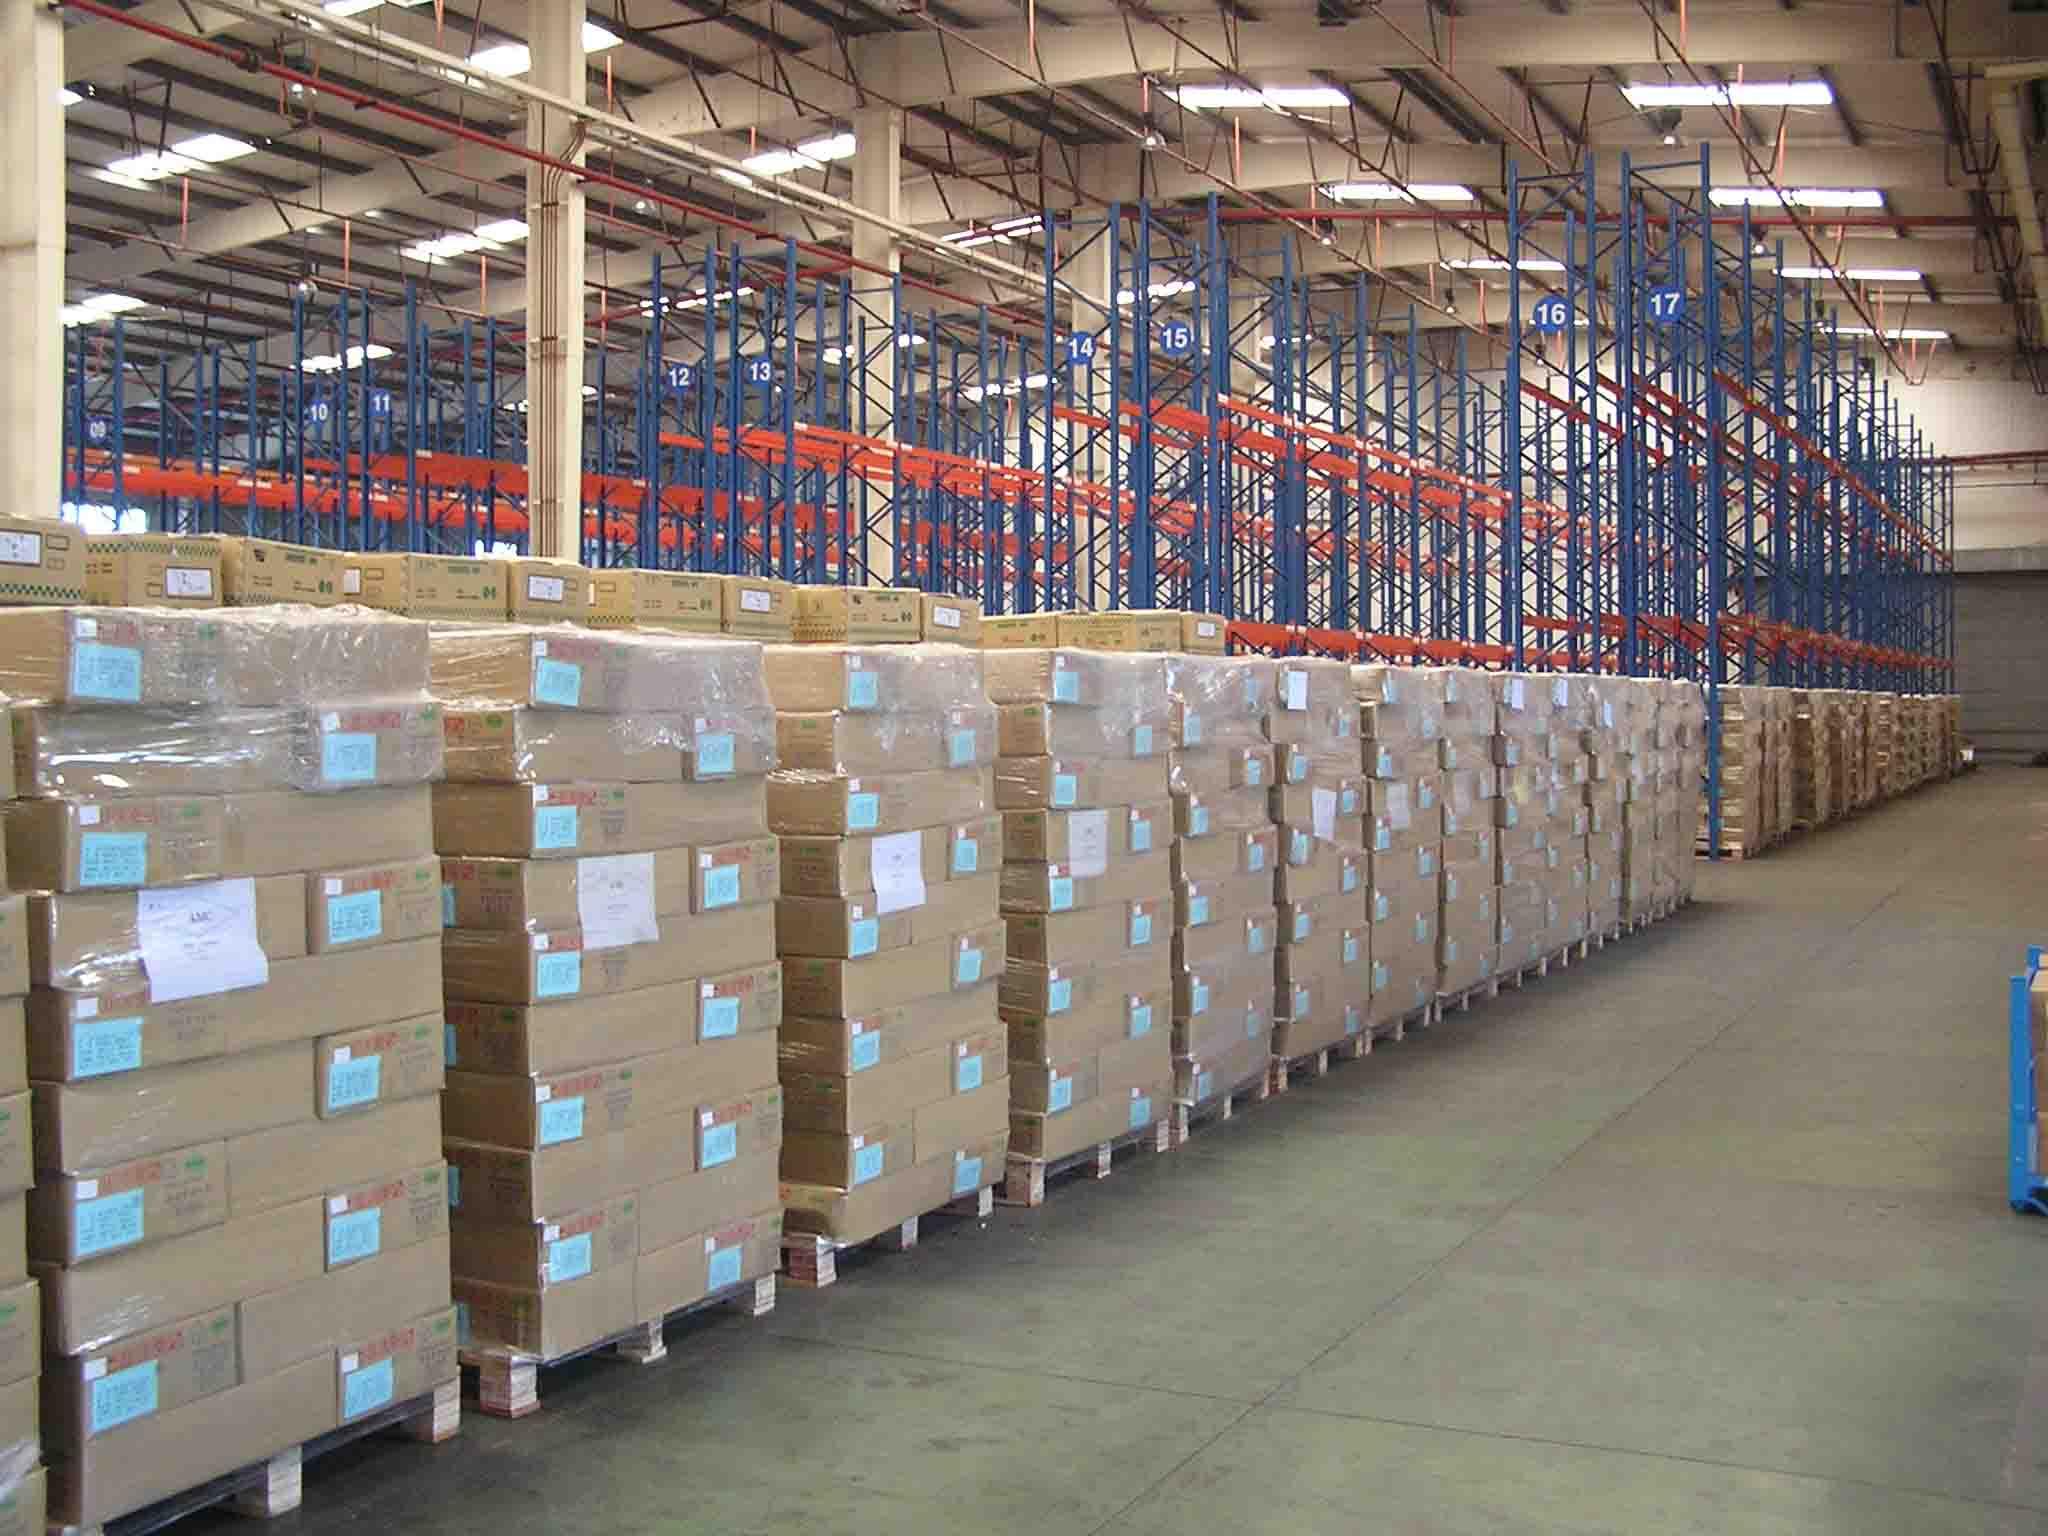 上海物流园区服务好的仓库公司 上海东尔国际货物运输代理有限公司 锦程物流网